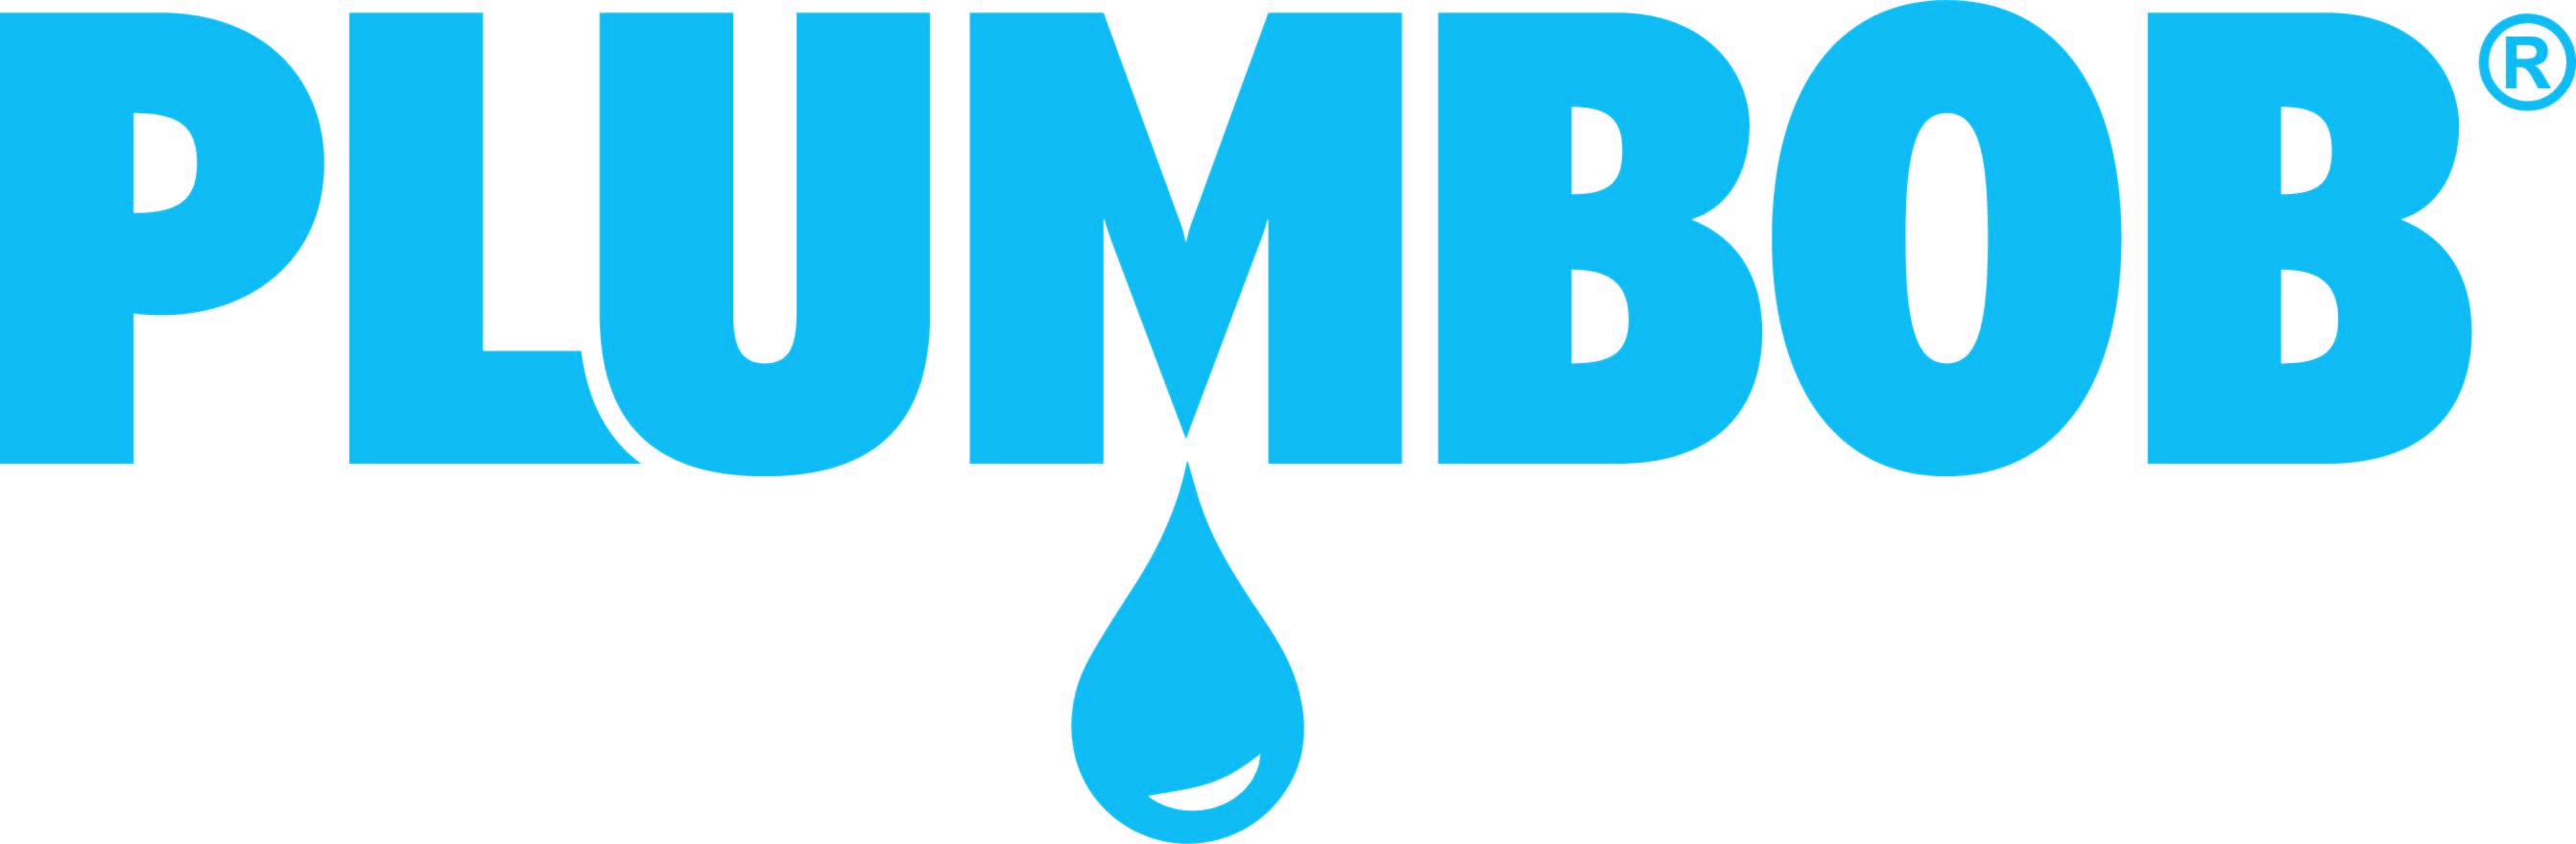 Plumbob